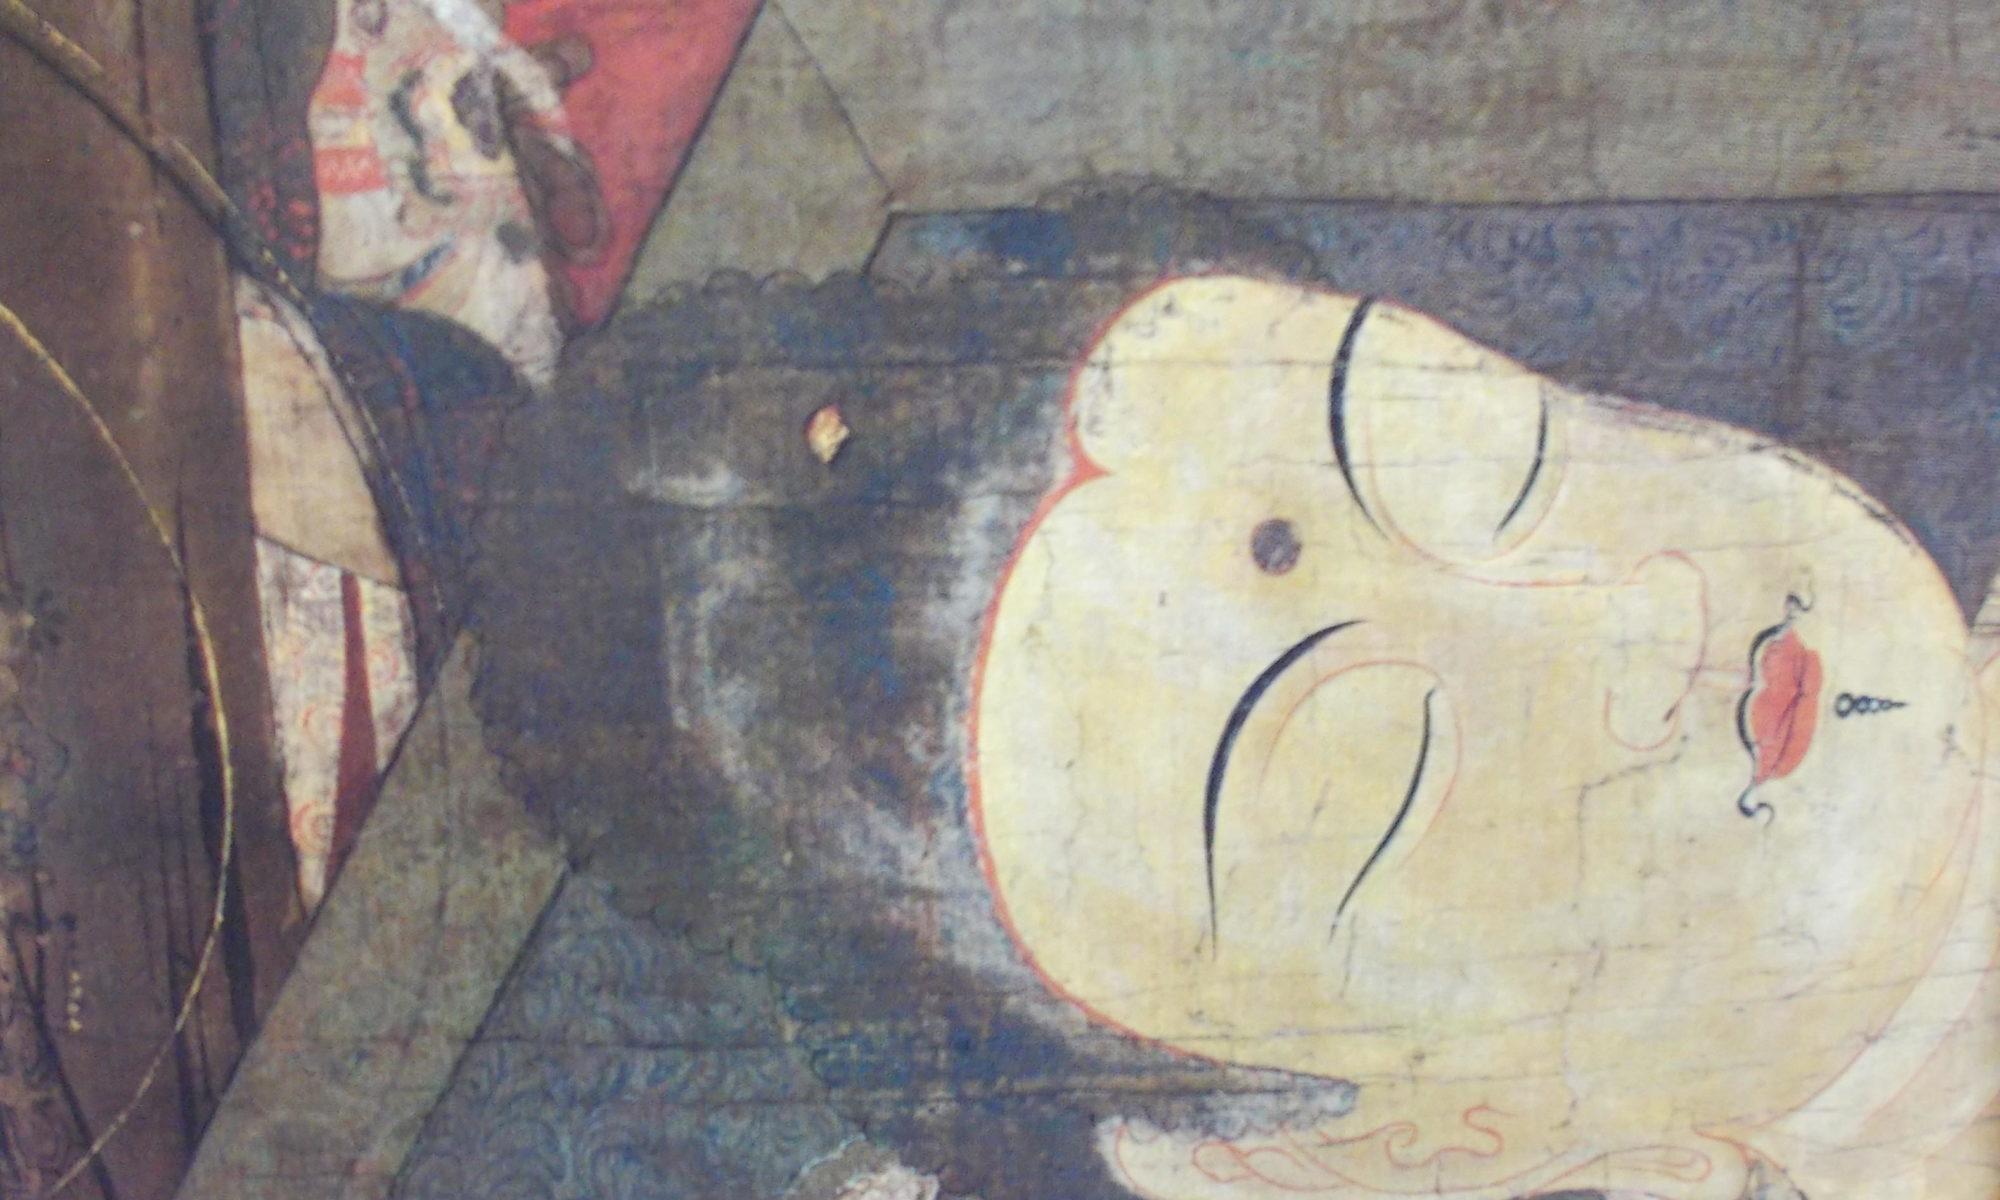 堀田努の仏教談論、仏教談義、仏教講義、仏教の話